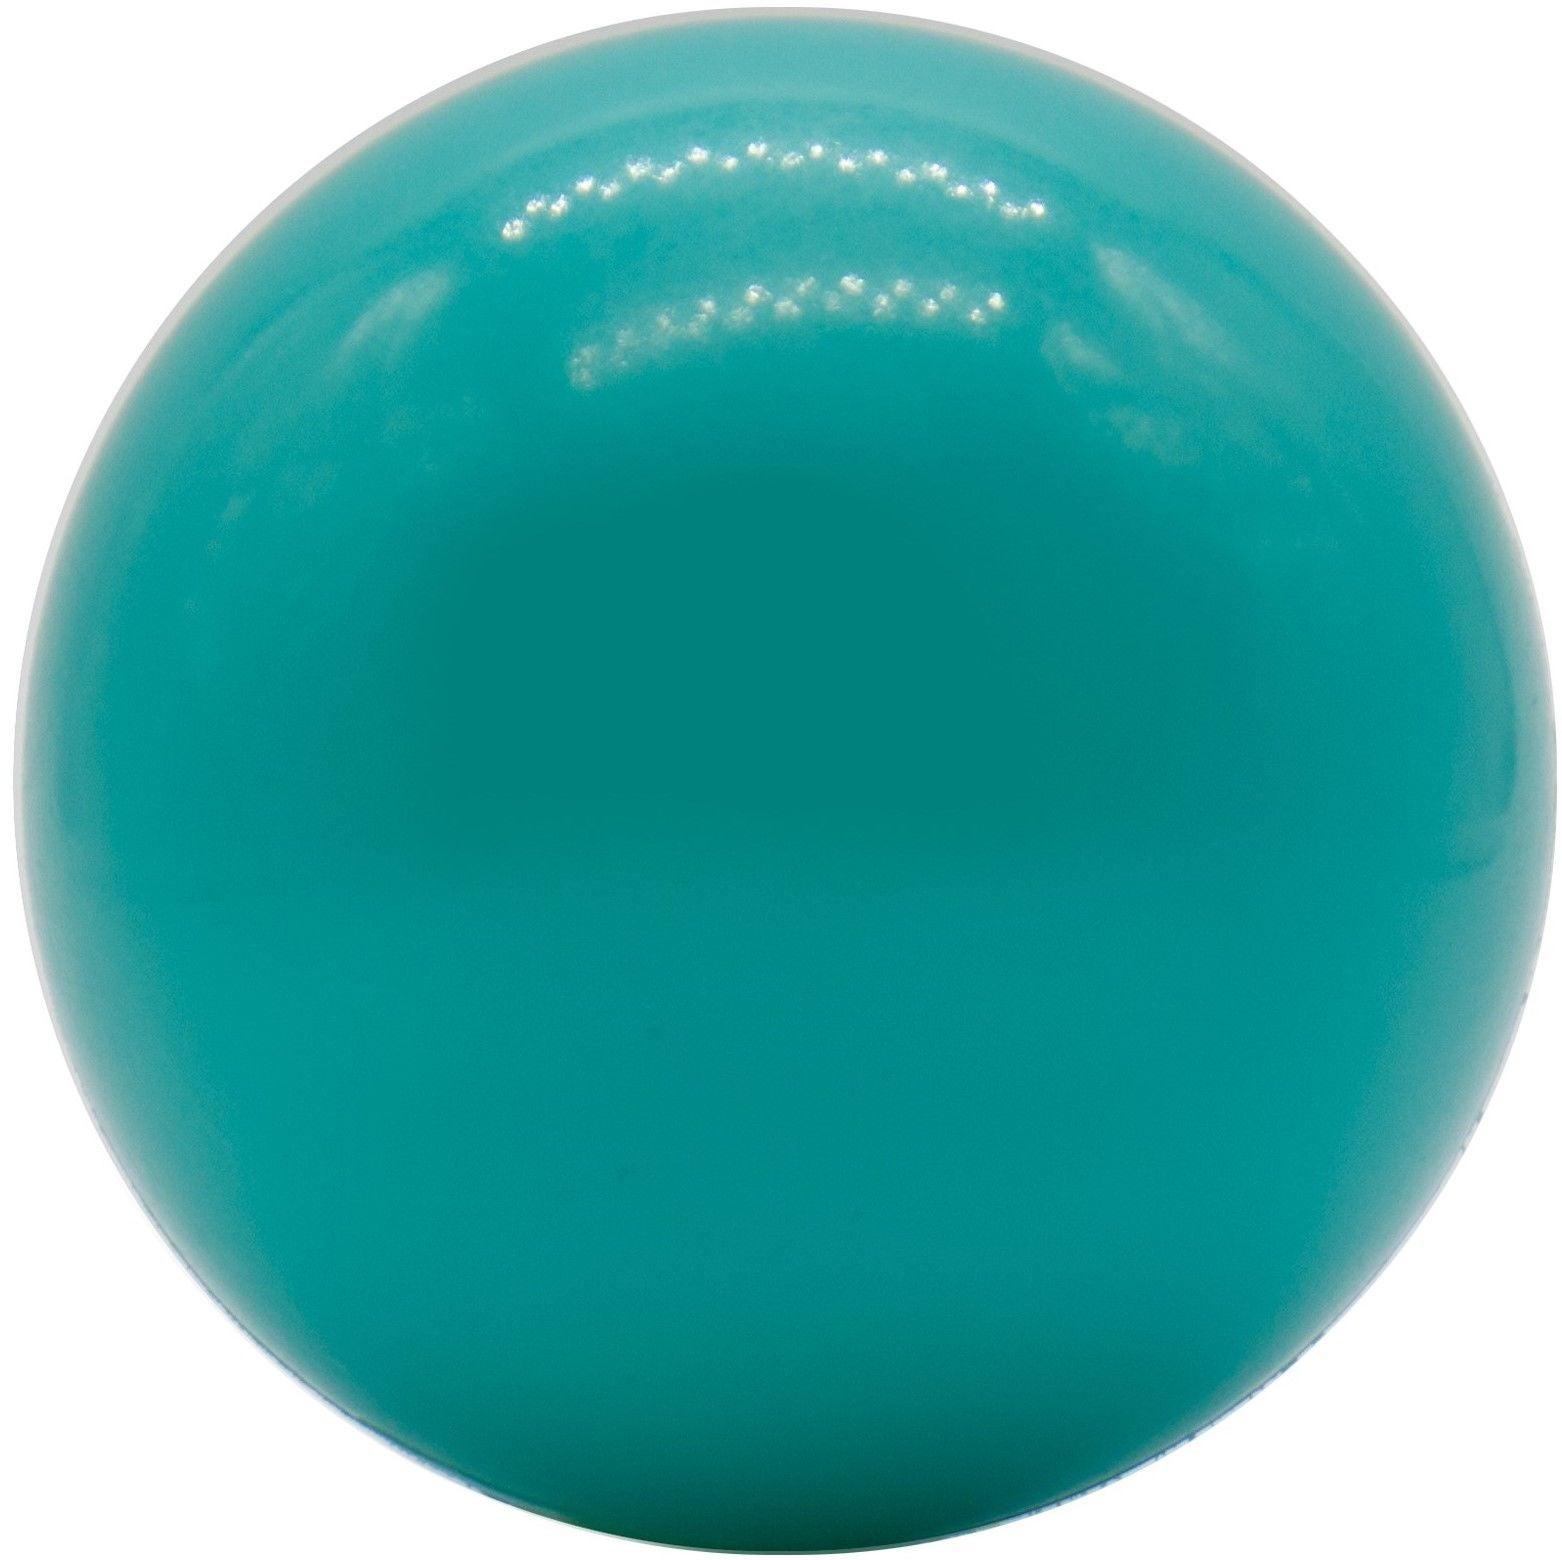 KIDKII Extra Bollar 50 st, Turquoise